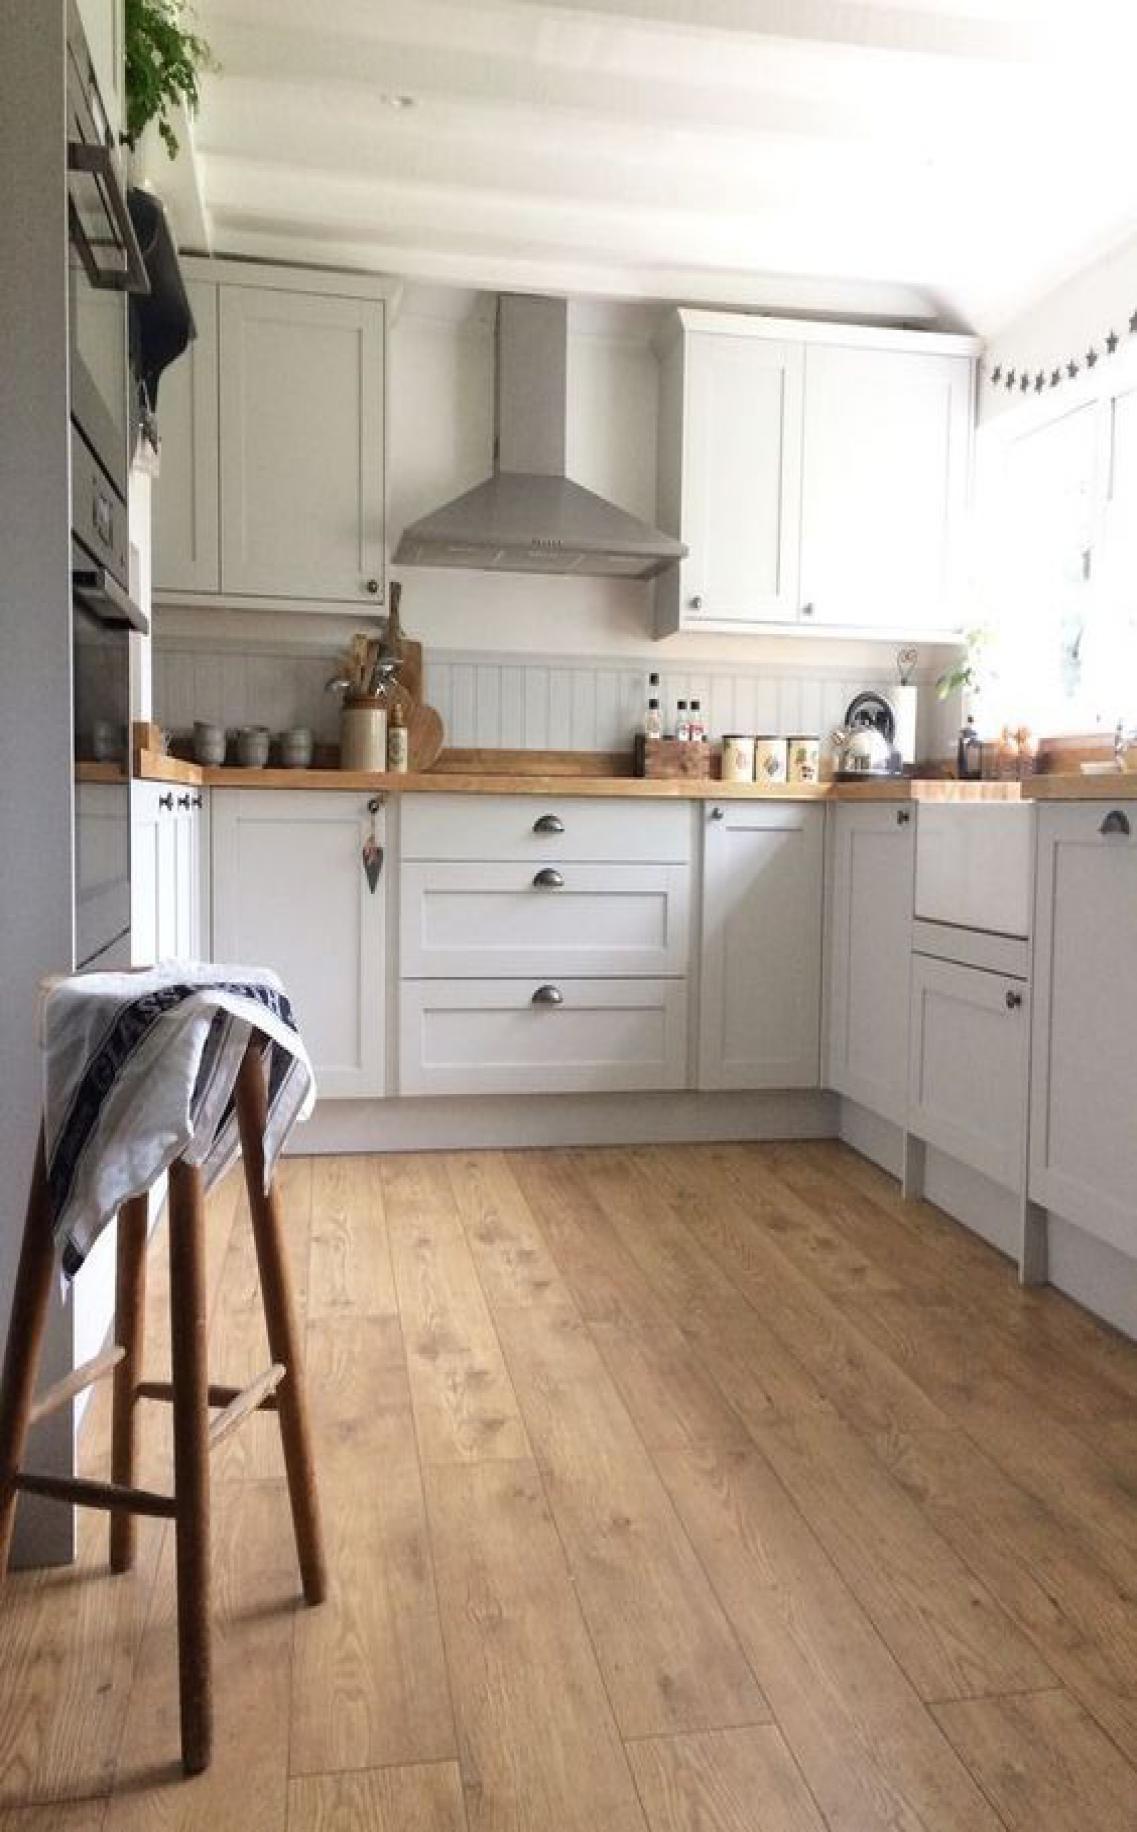 48 Pretty Kitchen Backsplash Decor Ideas Howdens Kitchens Kitchen Design Kitchen Design Small